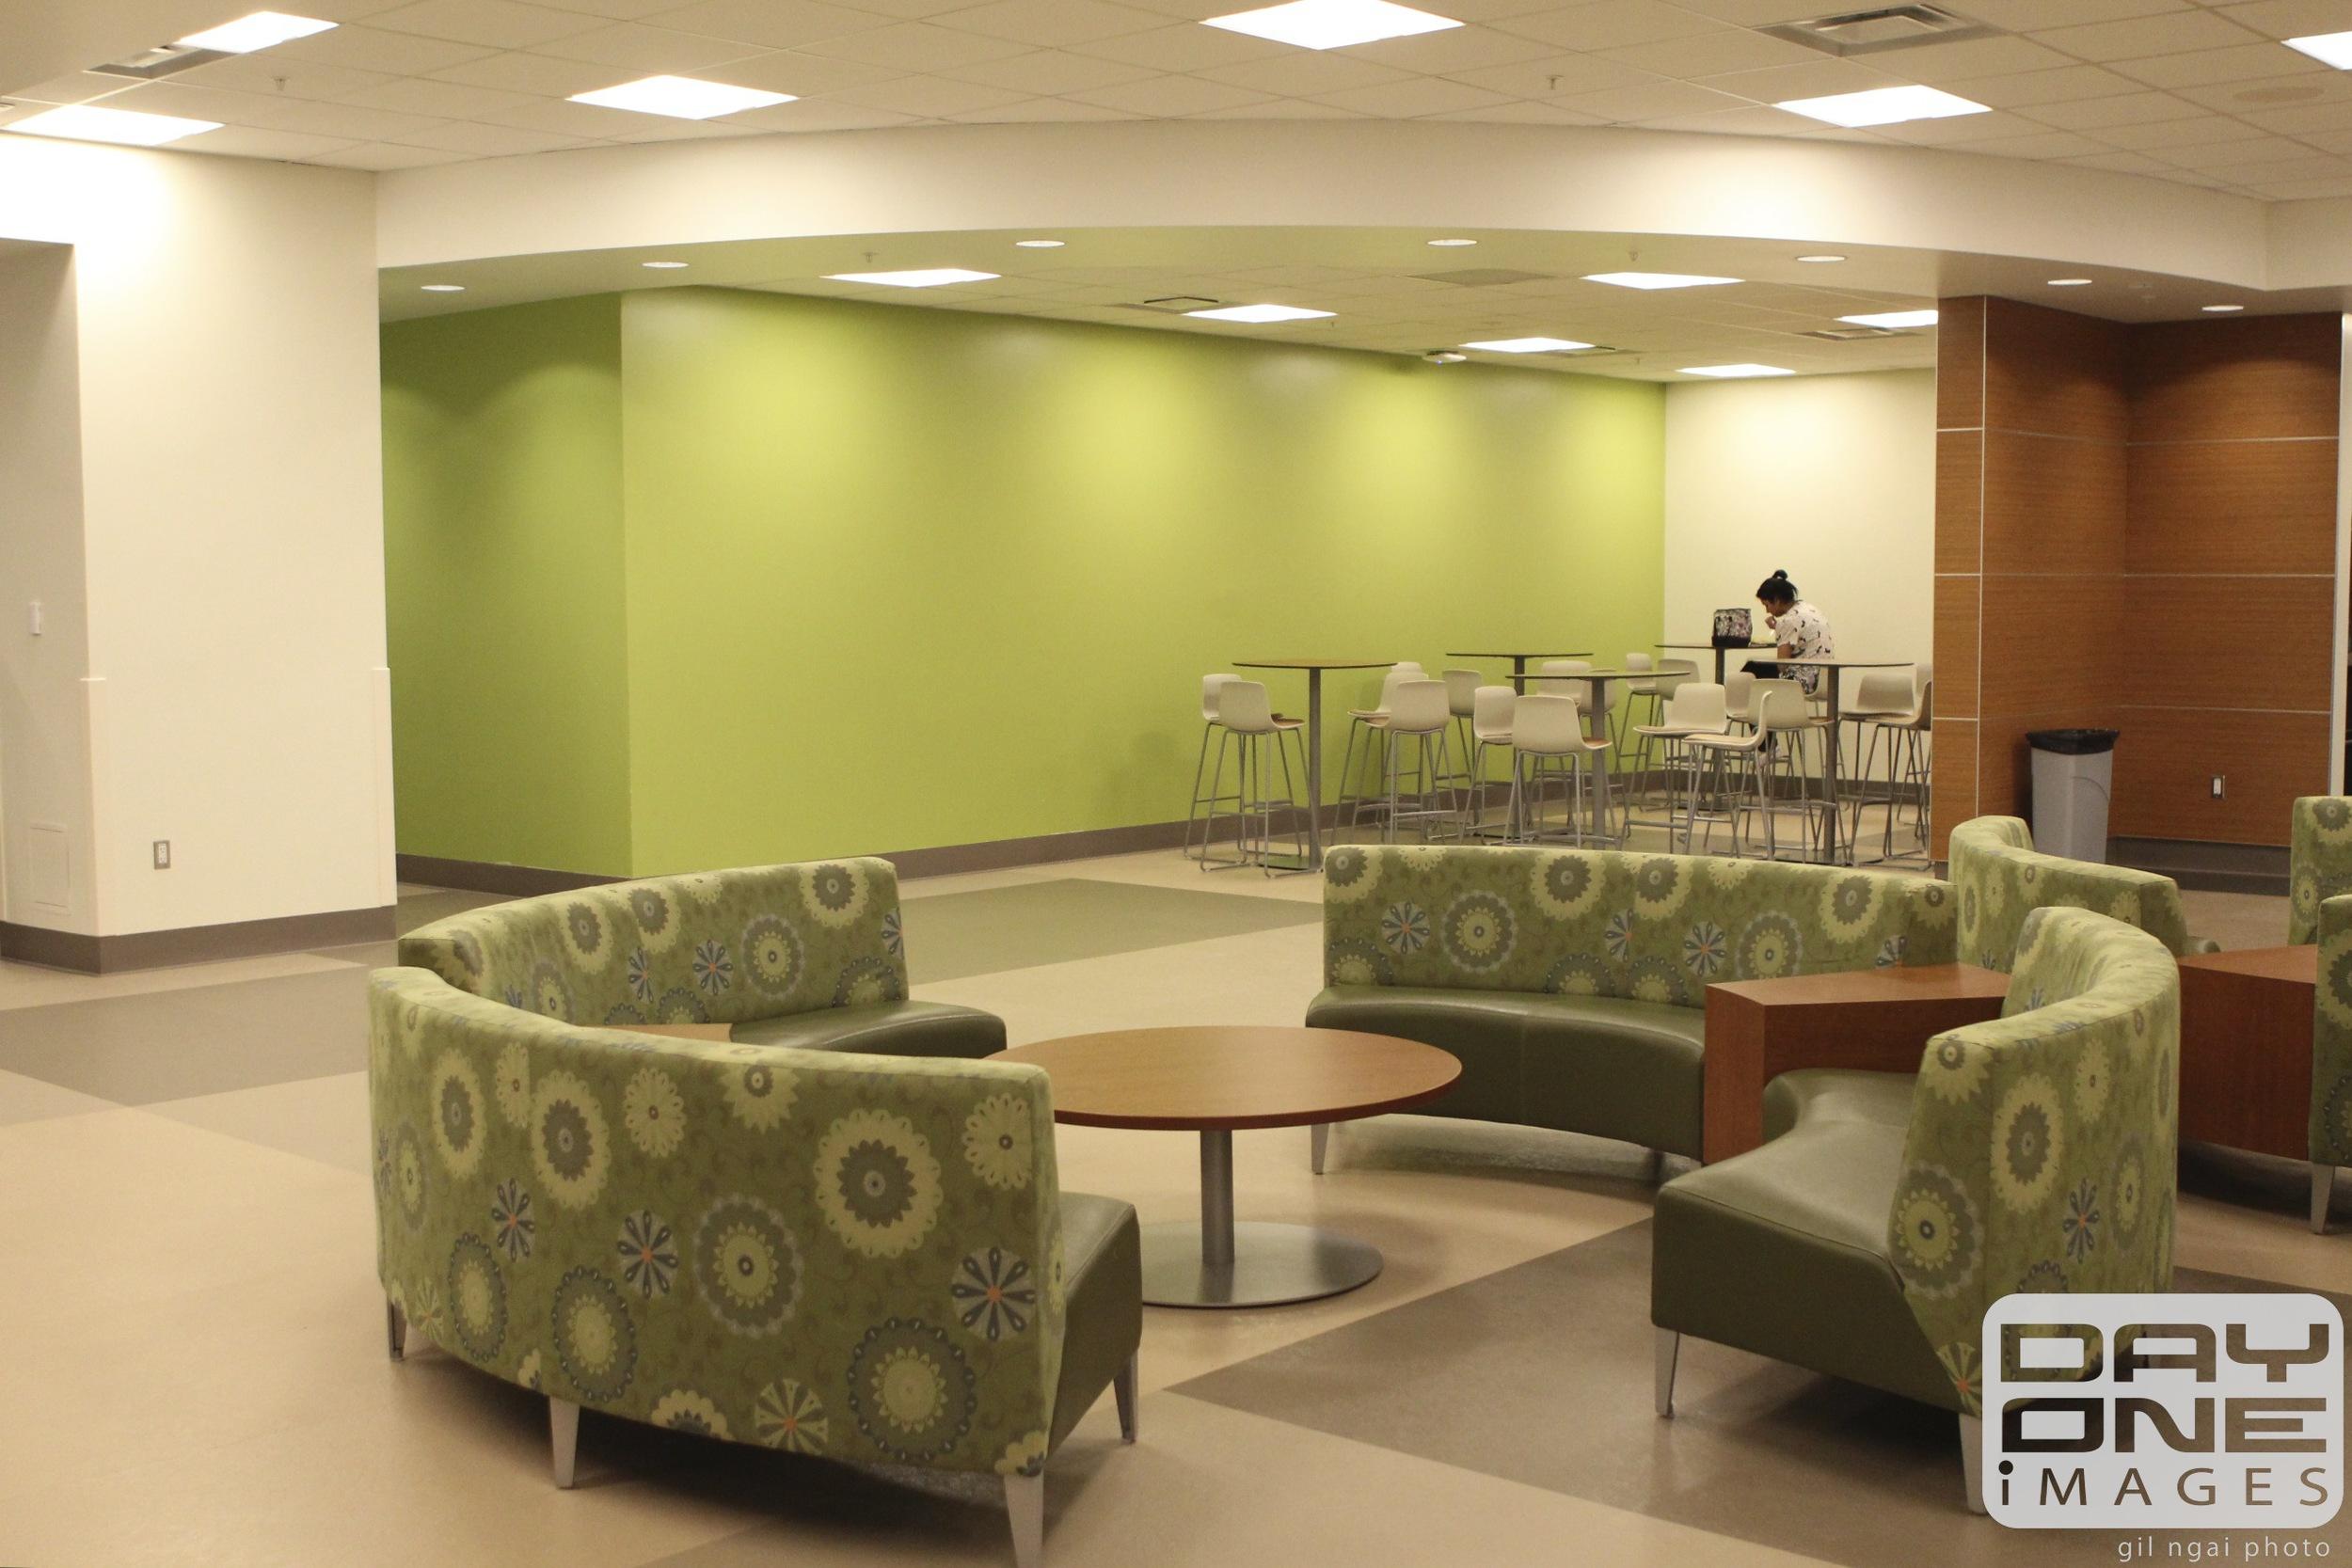 SHCHospital-wm  024.jpg